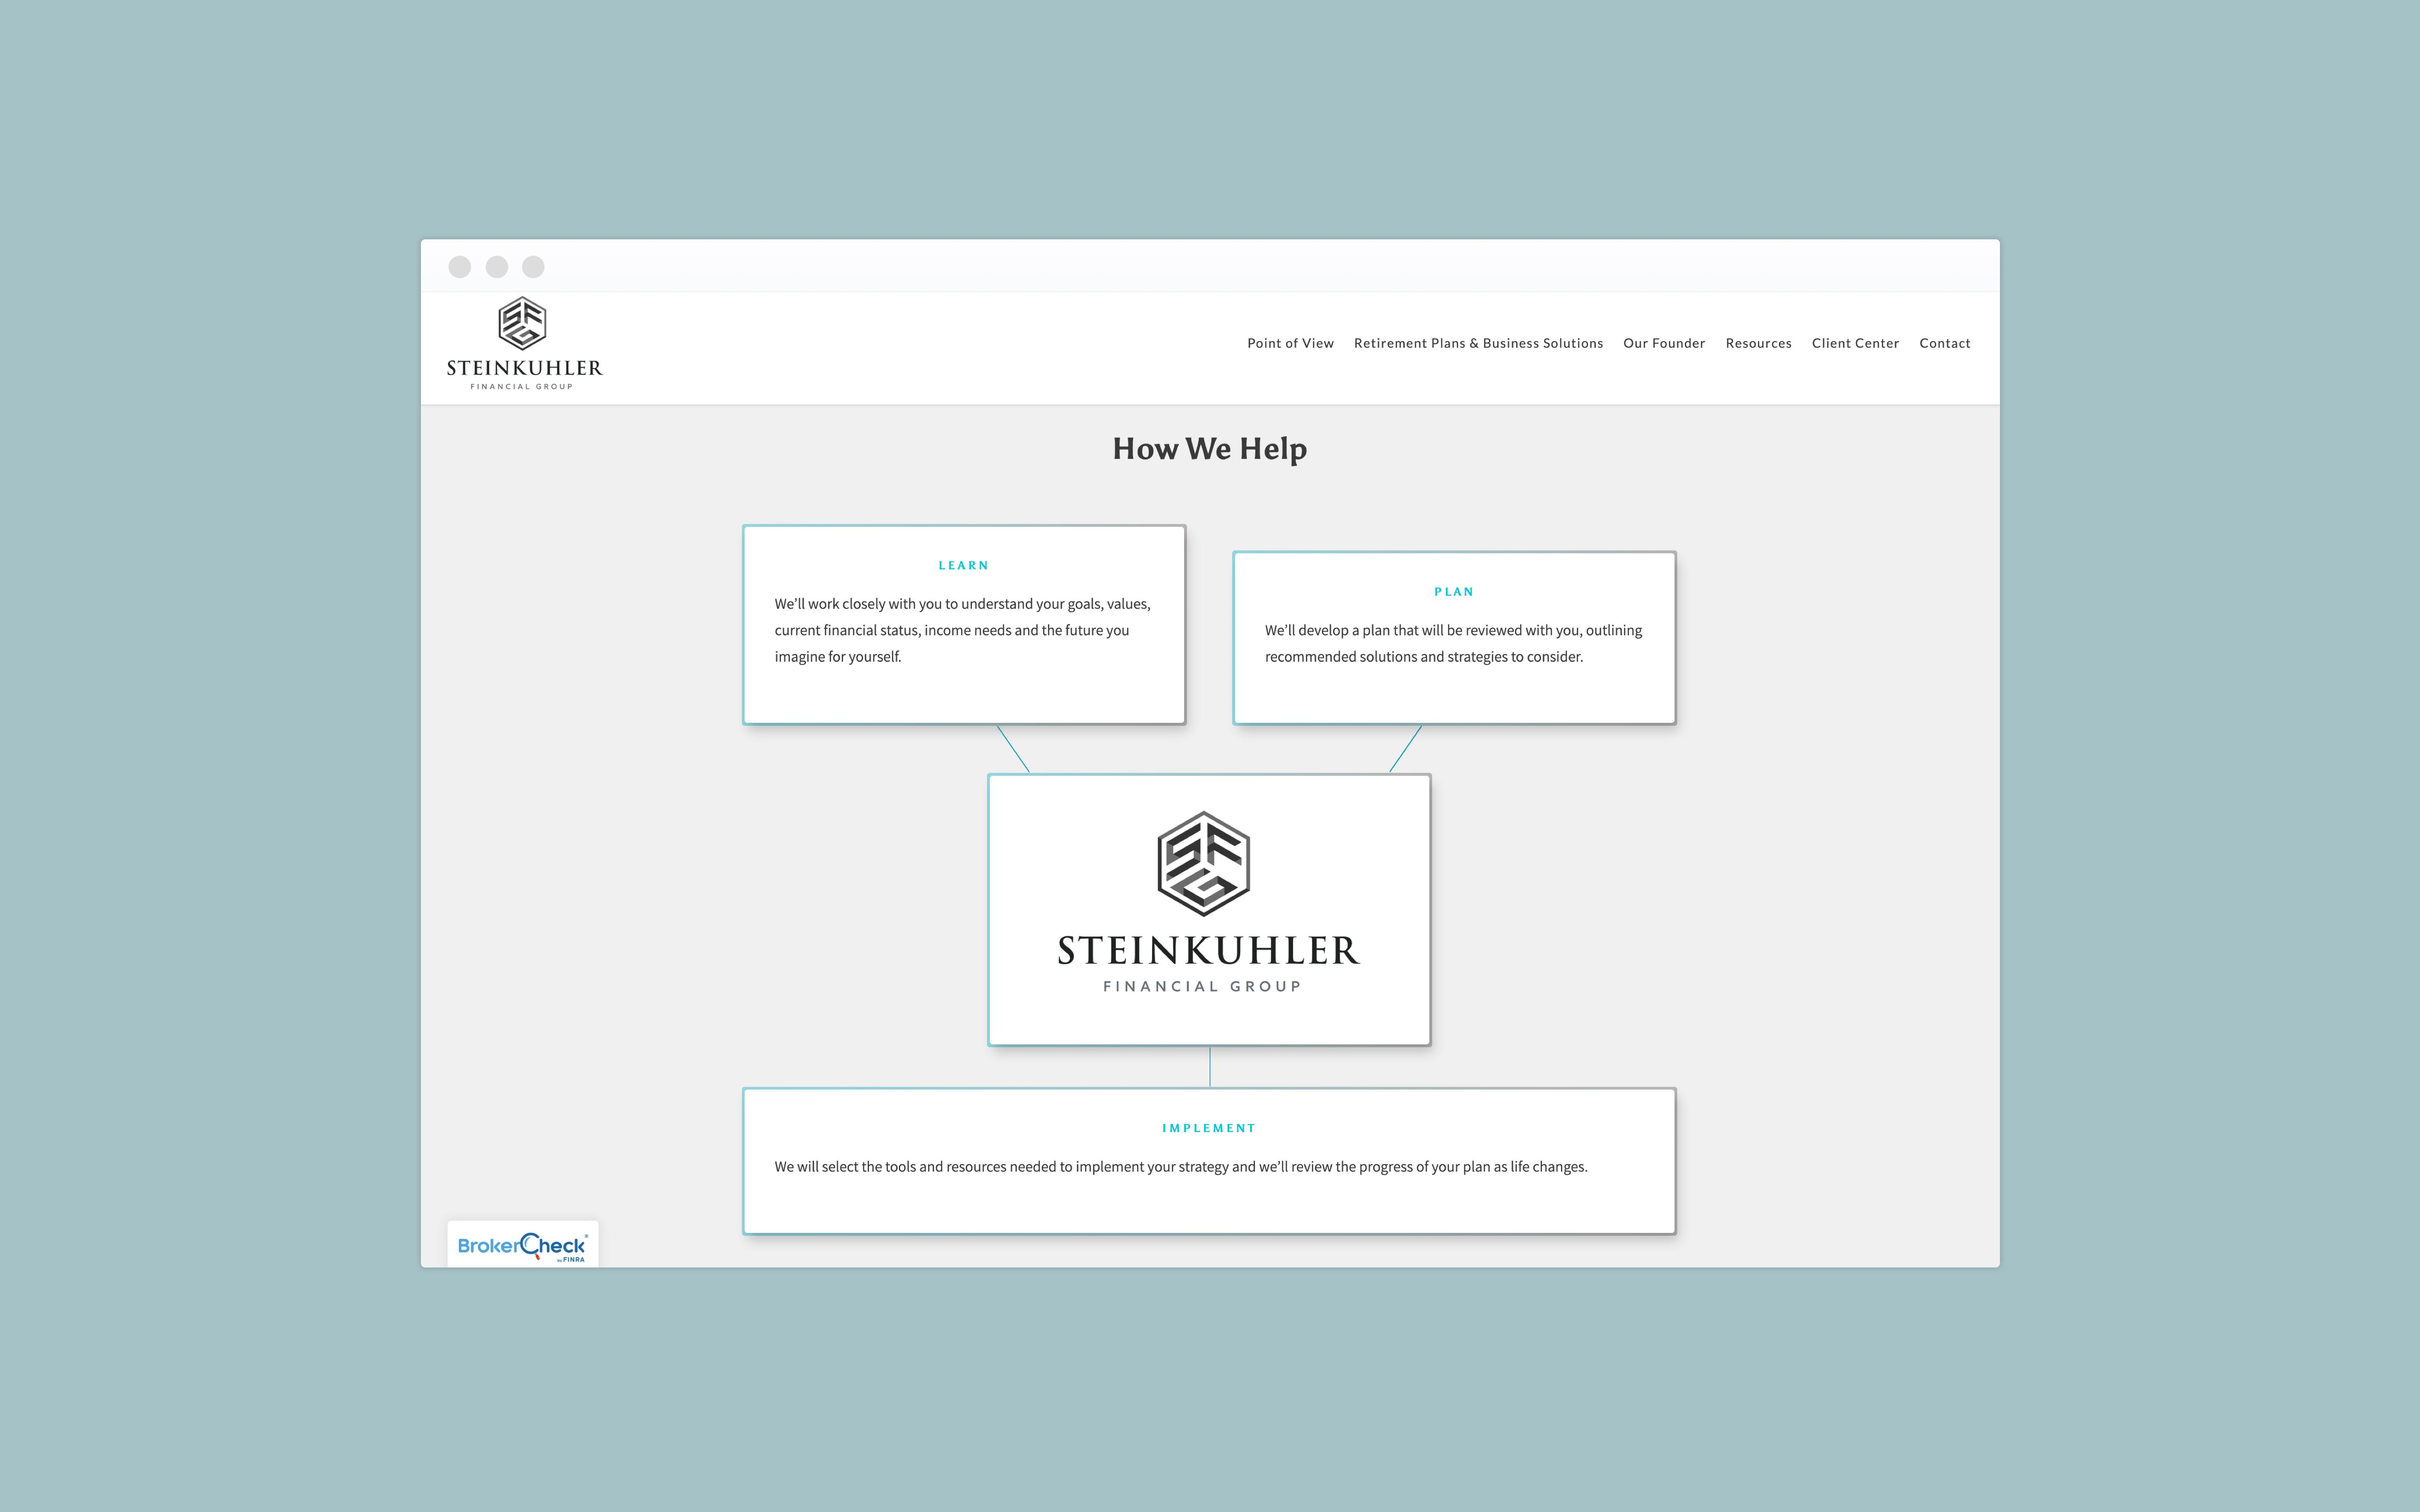 Steinkuhler Roadmap